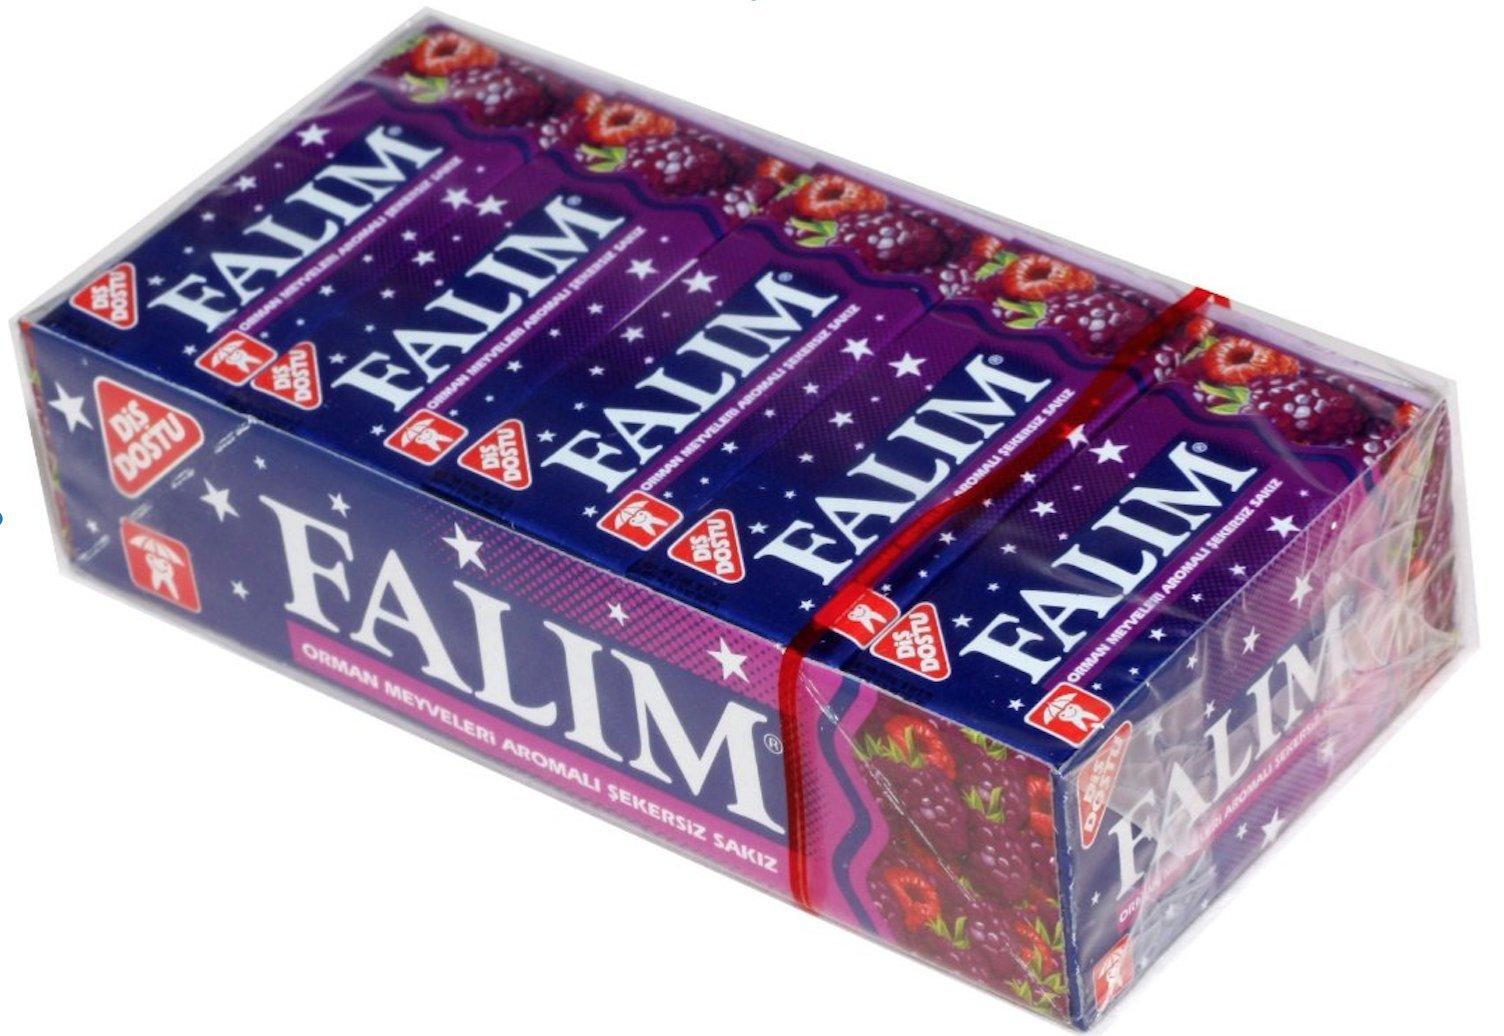 Falim Plain Gum - Forrest Fruits Flavoured- 20 5 = 100 Pieces